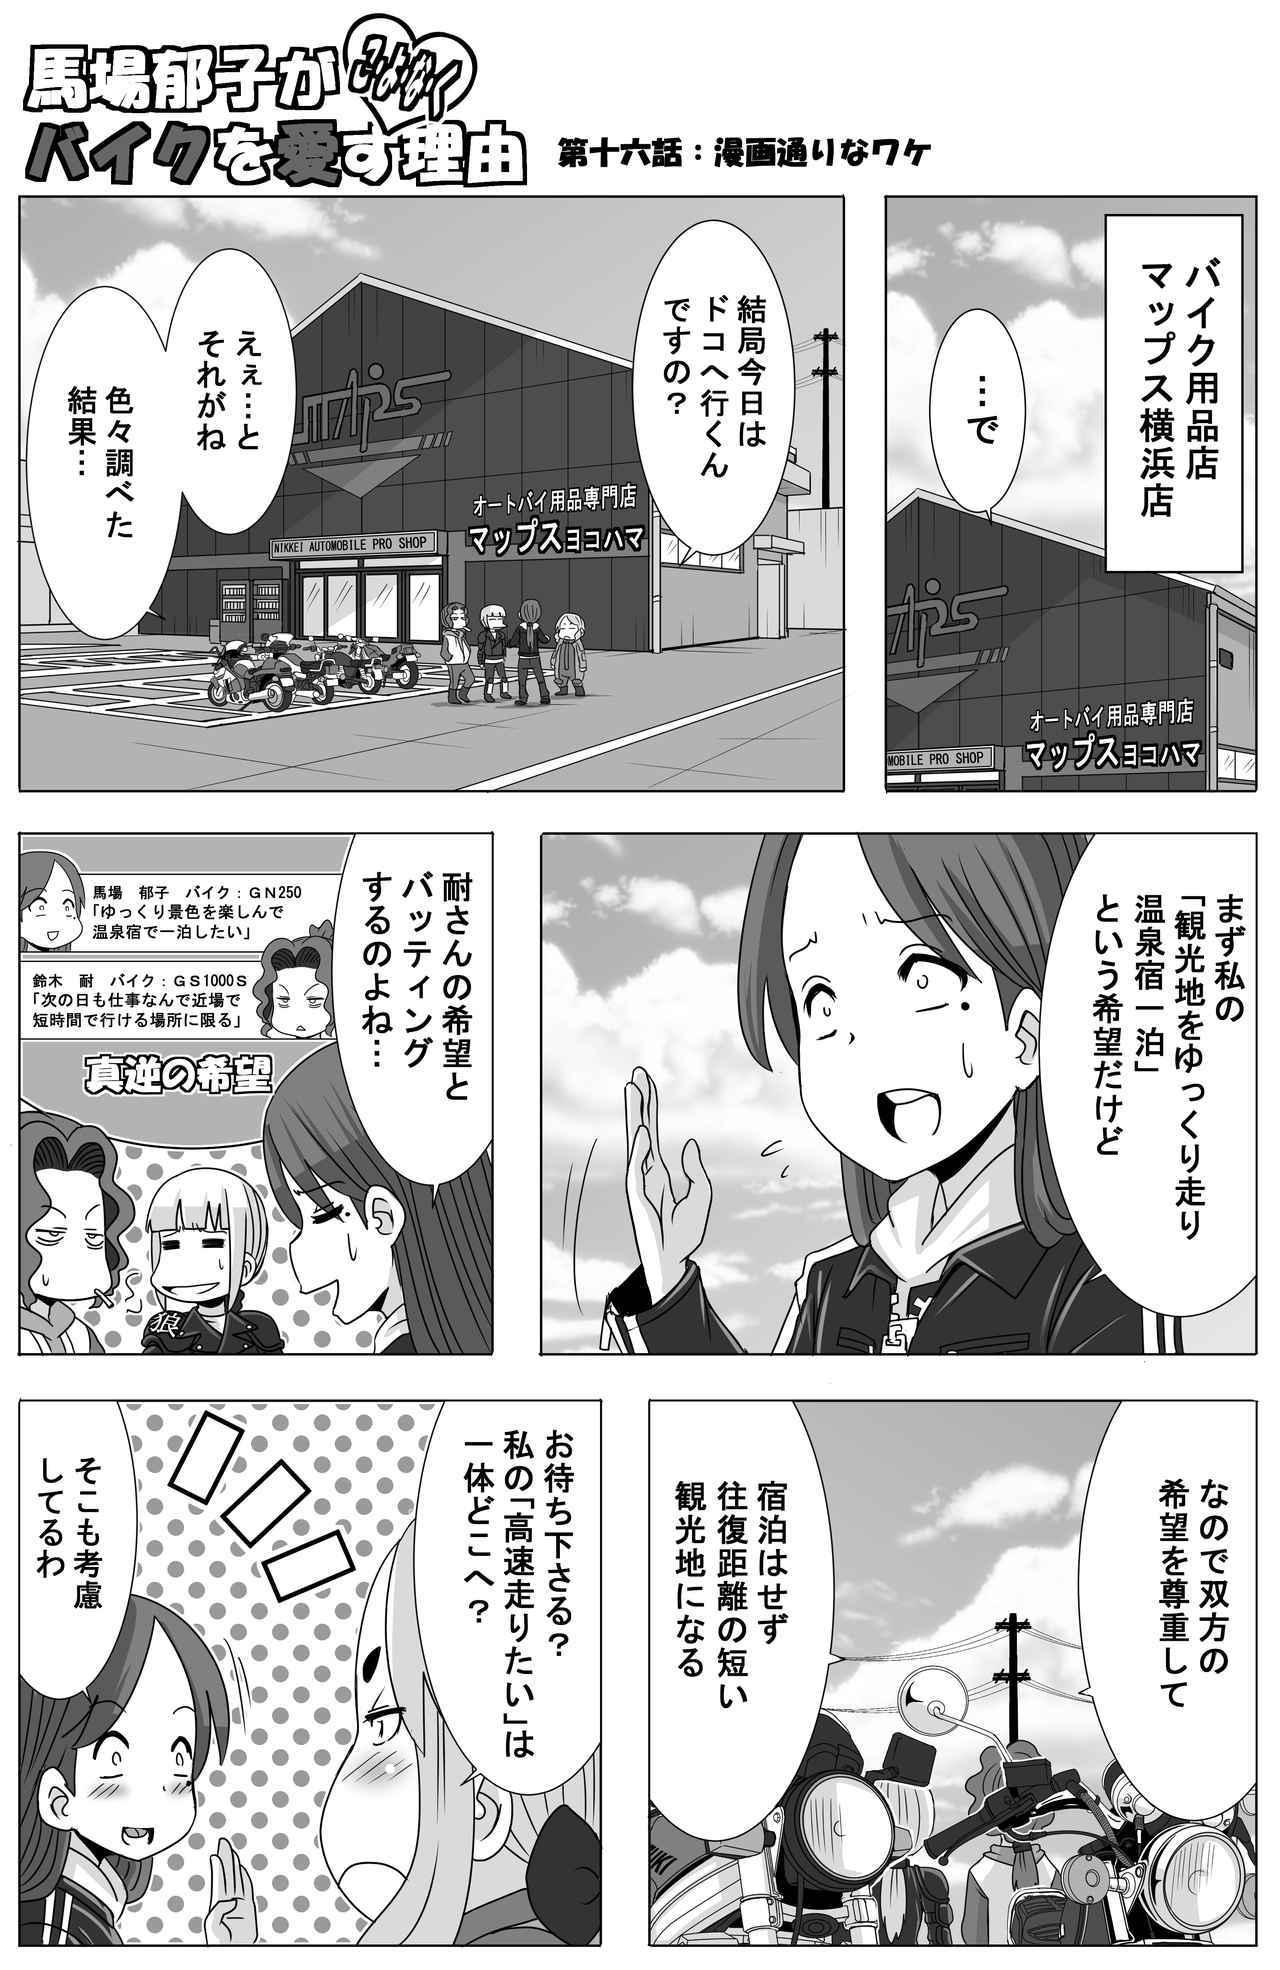 画像1: 【連載】馬場郁子がこよなくバイクを愛す理由(第十六話:漫画通りなワケ)作:鈴木秀吉